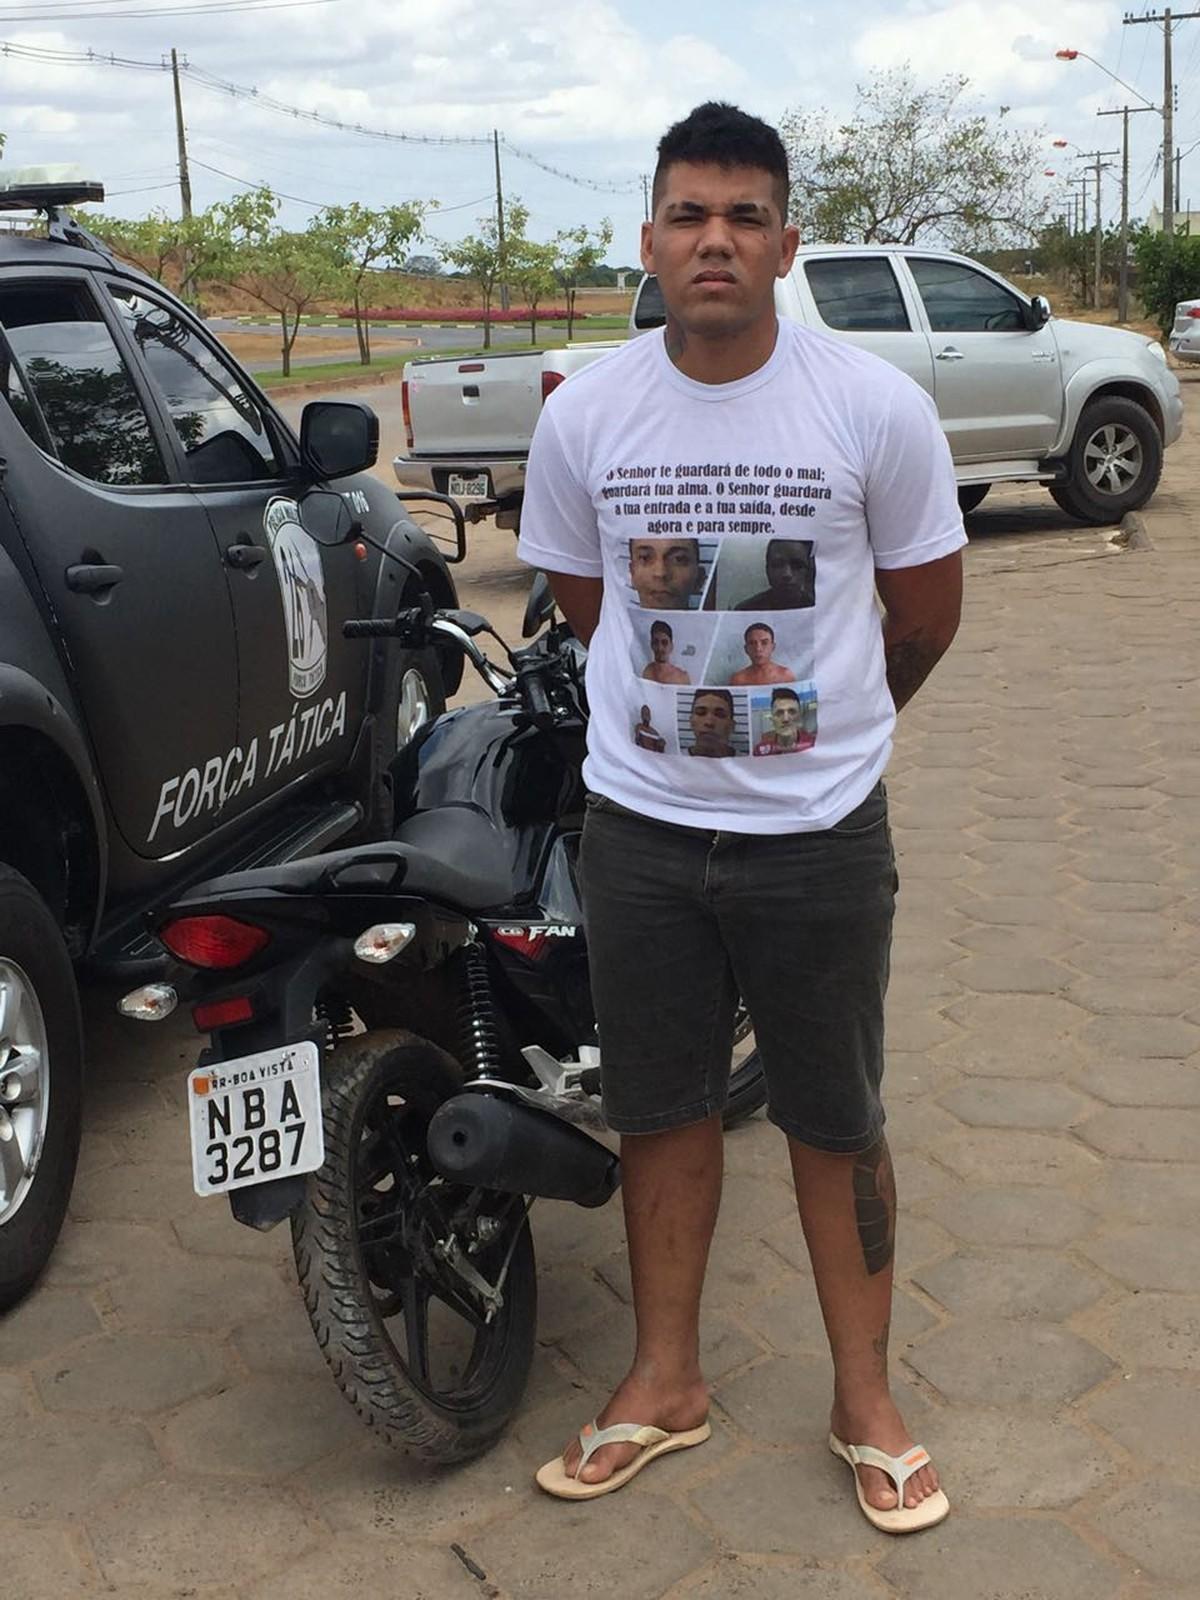 Suspeito de assaltos em Boa Vista é preso com drogas e moto adulterada